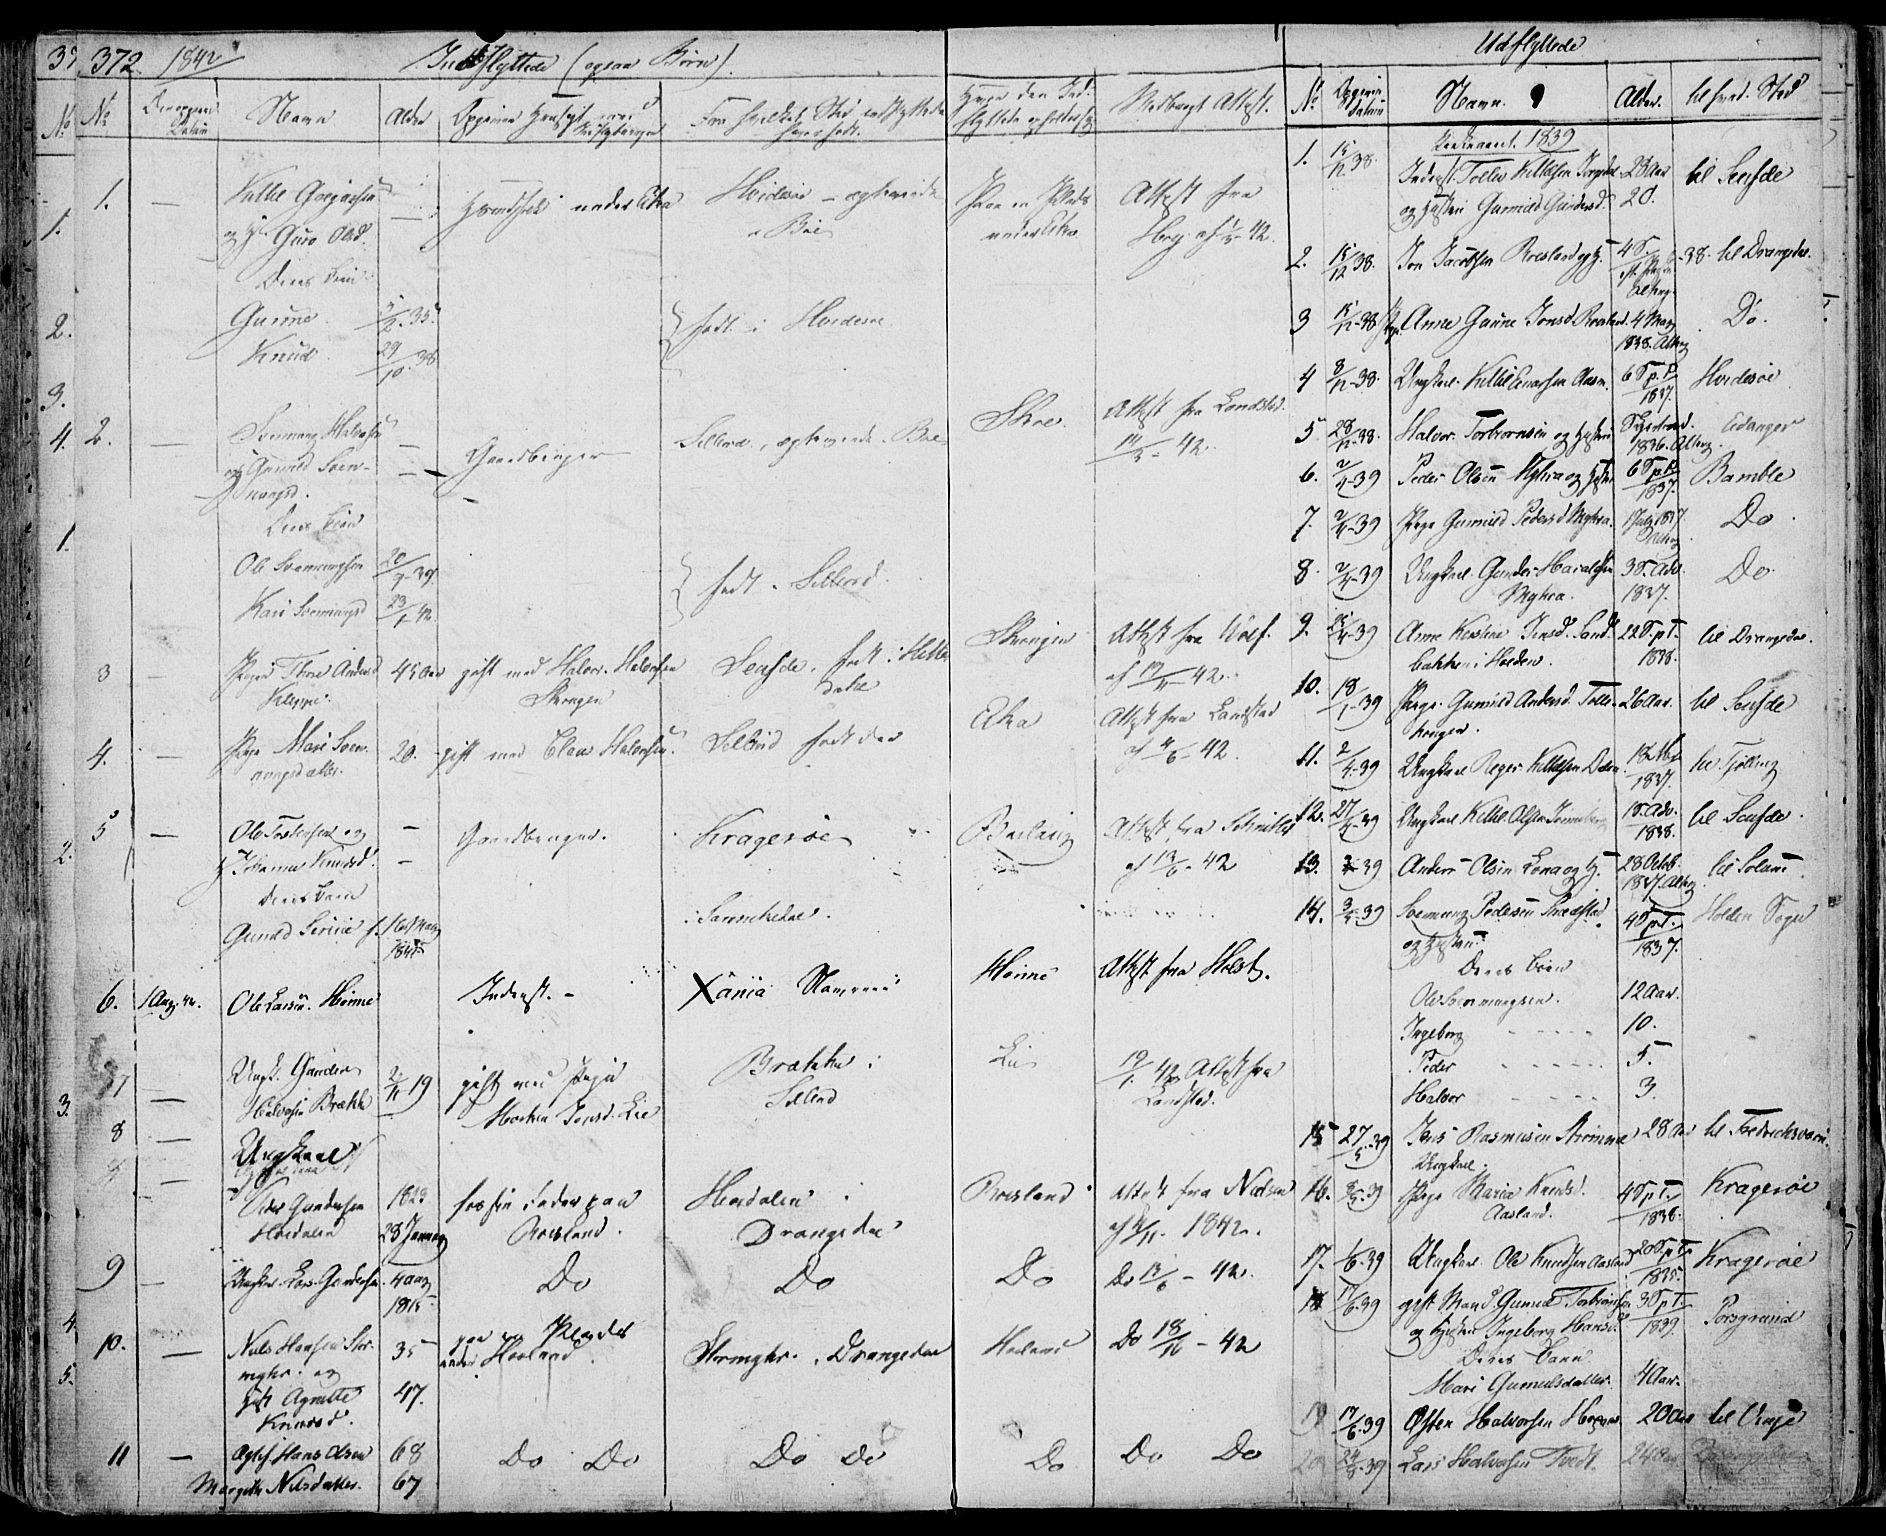 SAKO, Bø kirkebøker, F/Fa/L0007: Ministerialbok nr. 7, 1831-1848, s. 372